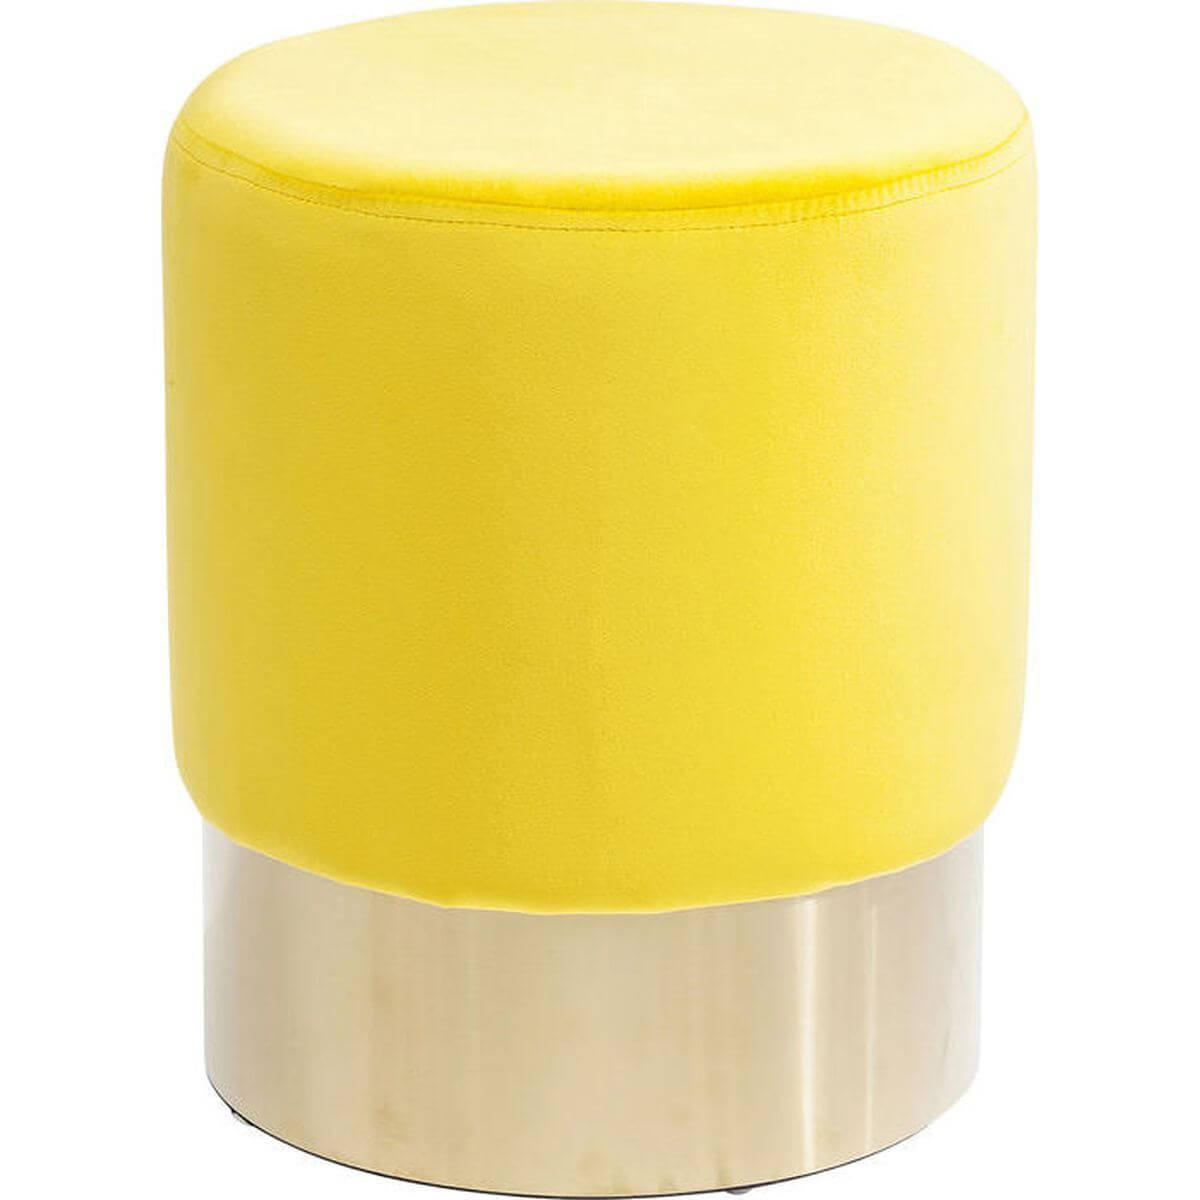 Tabouret CHERRY Kare Design jaune/laiton 35cm